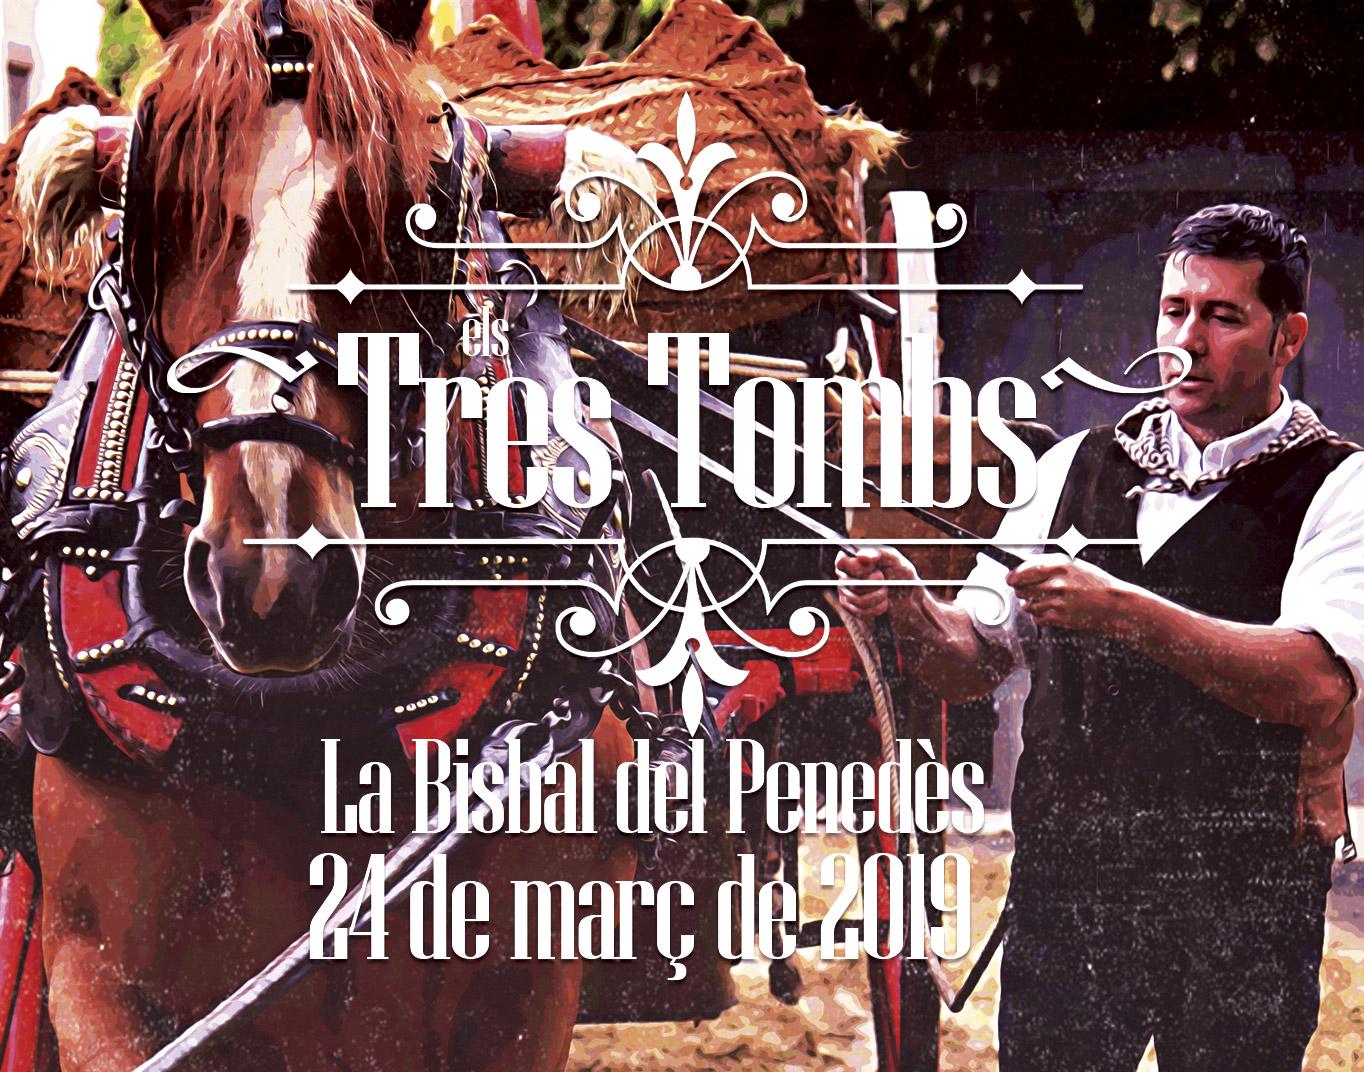 El diumenge 24 de març tindran lloc els tradicionals Tres Tombs de la Bisbal del Penedès